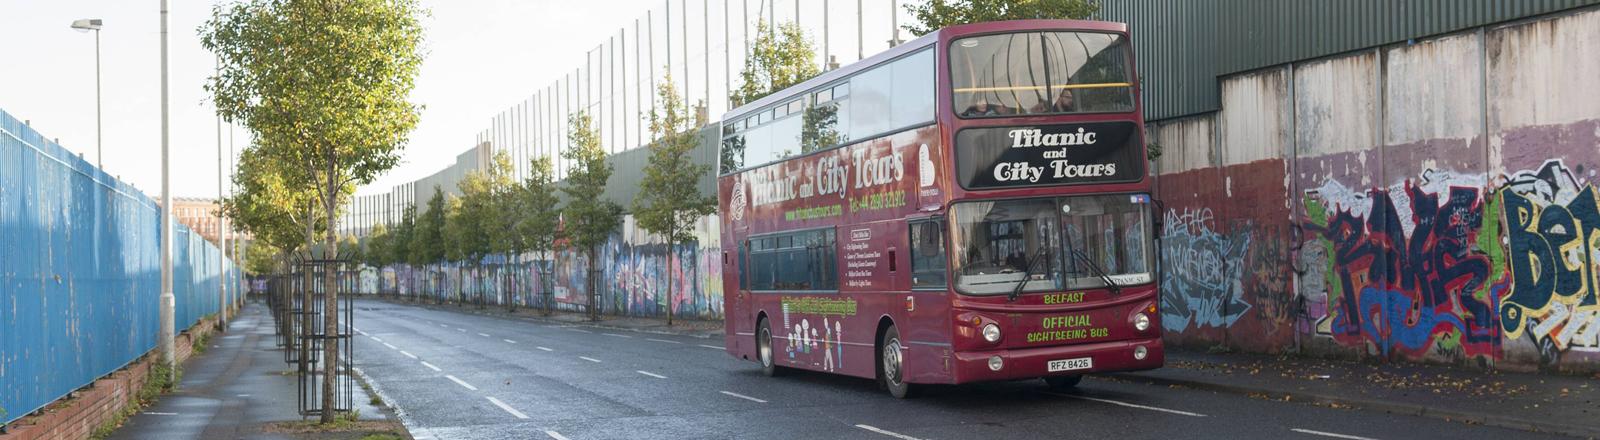 Peace Wall im Cupar Way, der protestantische und katholische Stadtteile in Belfast trennt